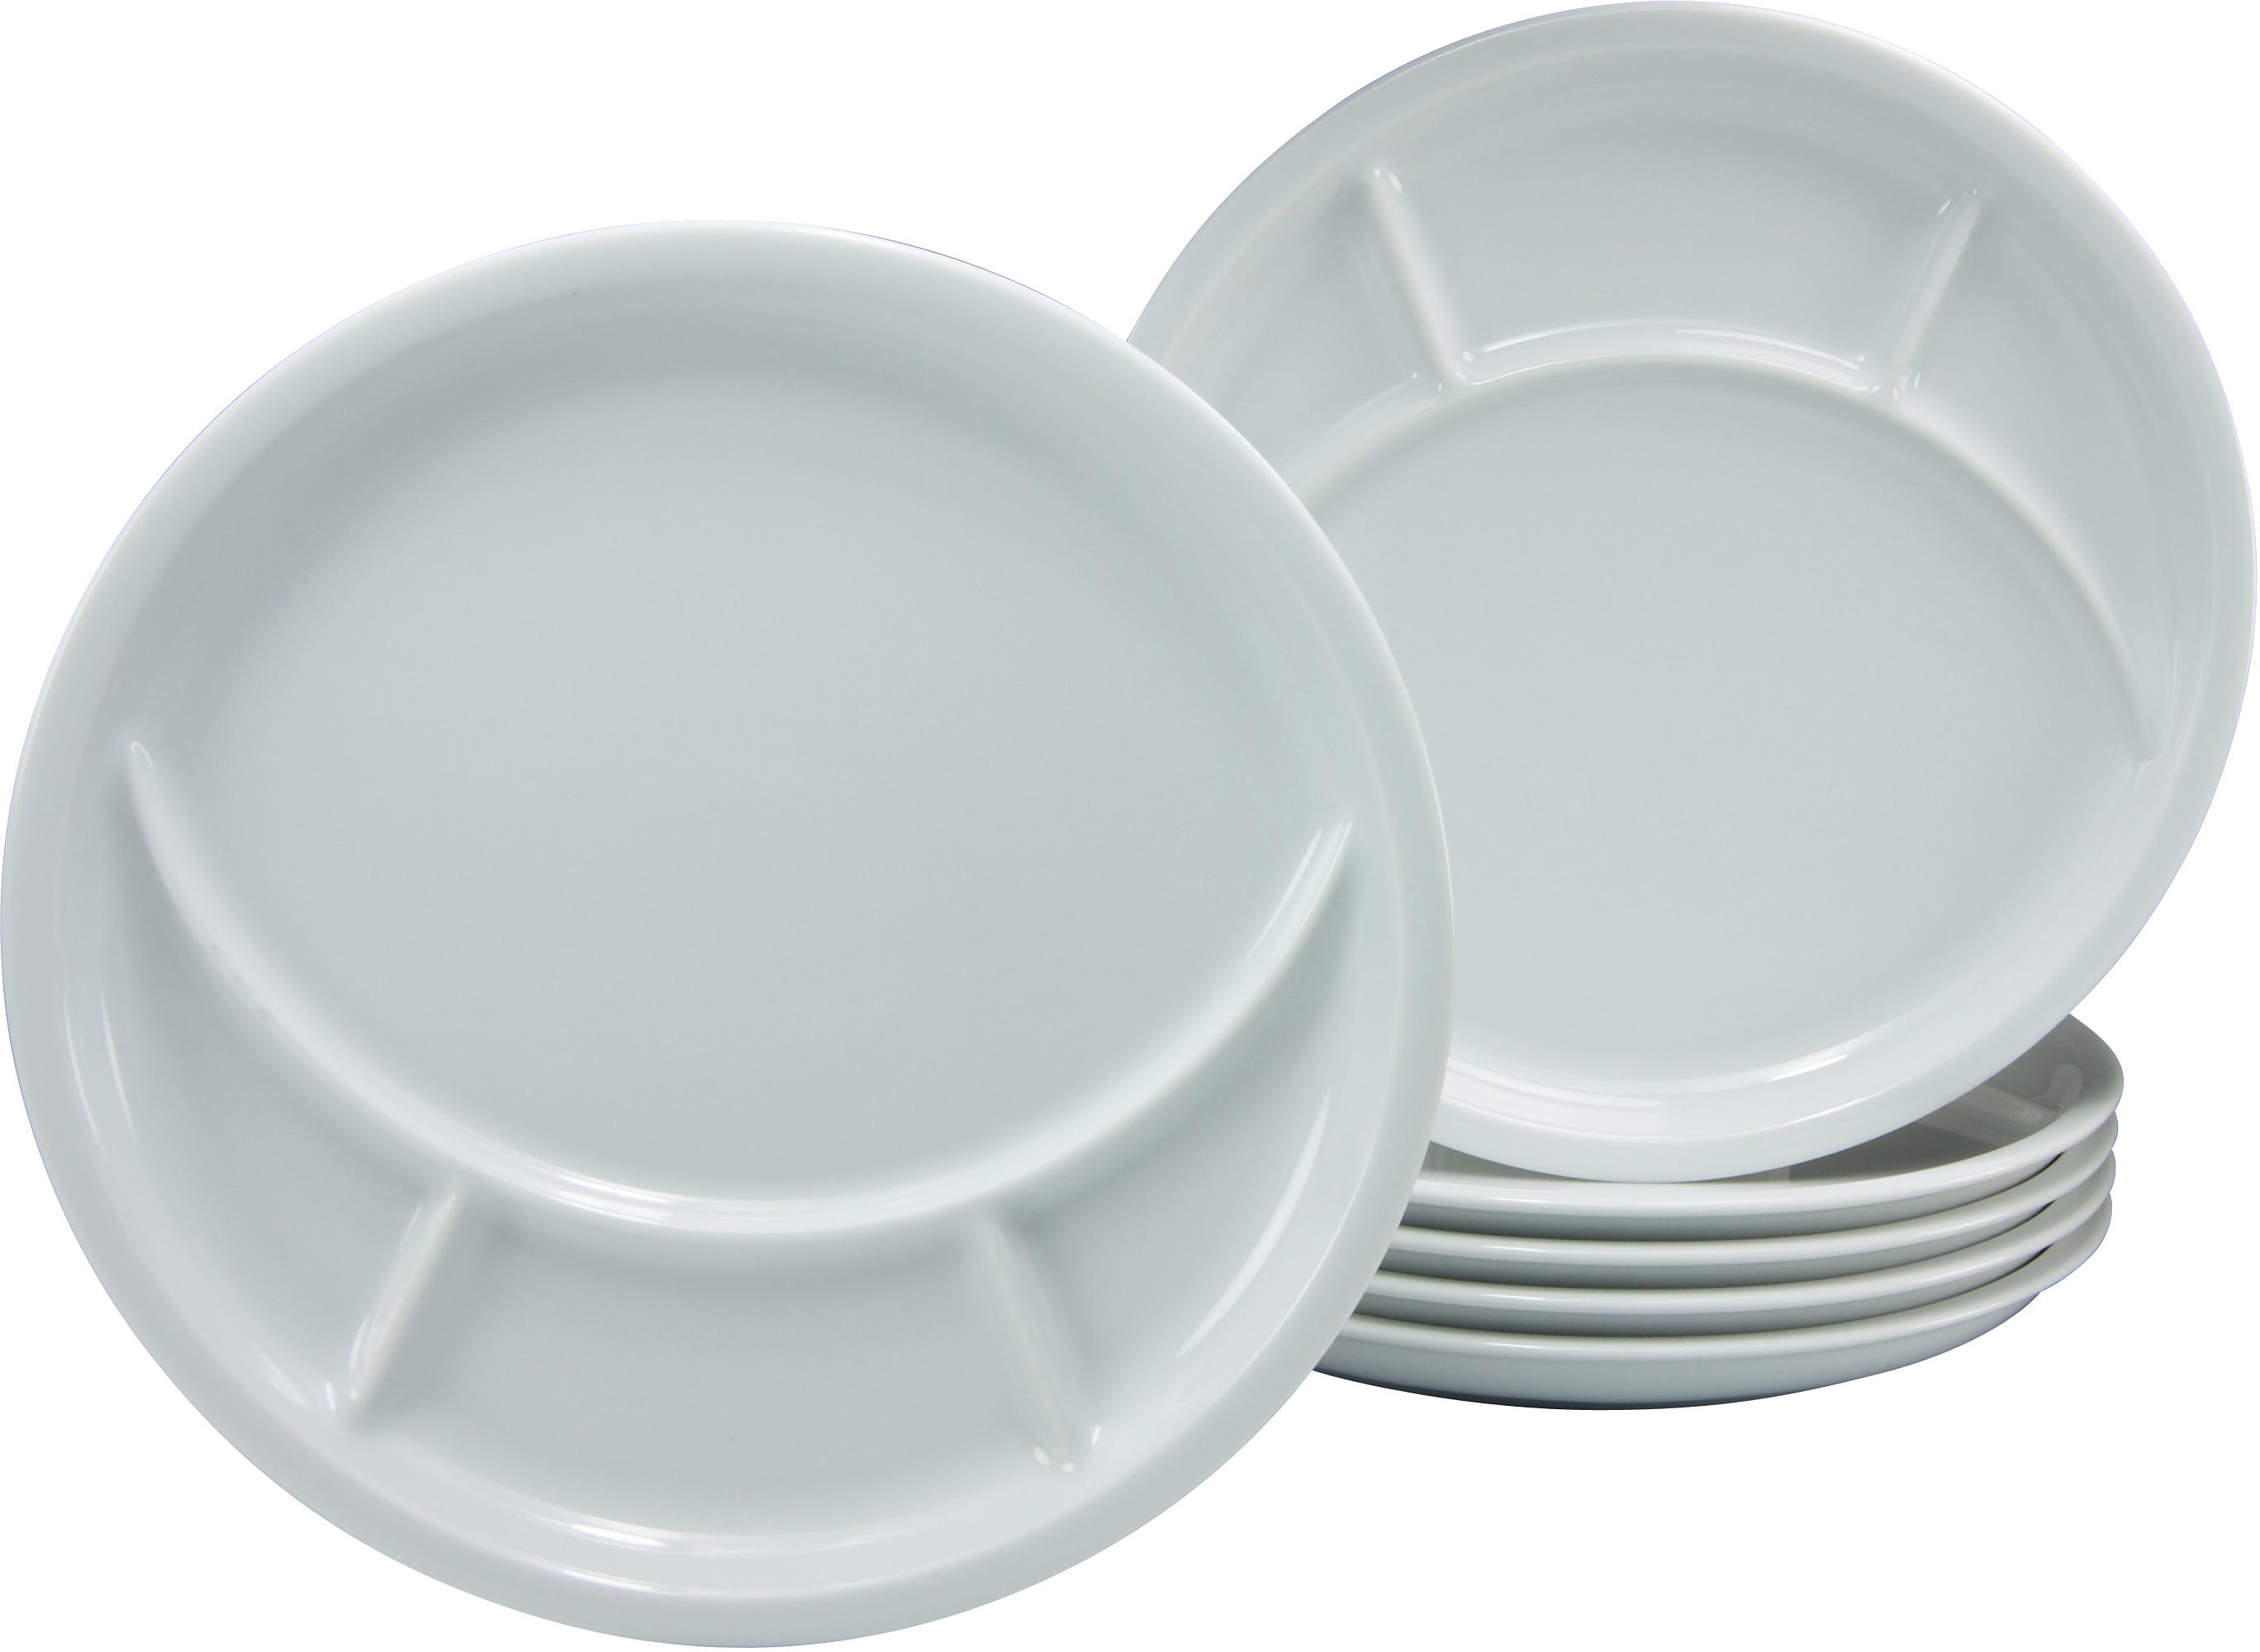 CreaTable Fondueteller, Porzellan, 6 Stück | Küche und Esszimmer > Küchengeräte > Fondue | Weiß | CREATABLE